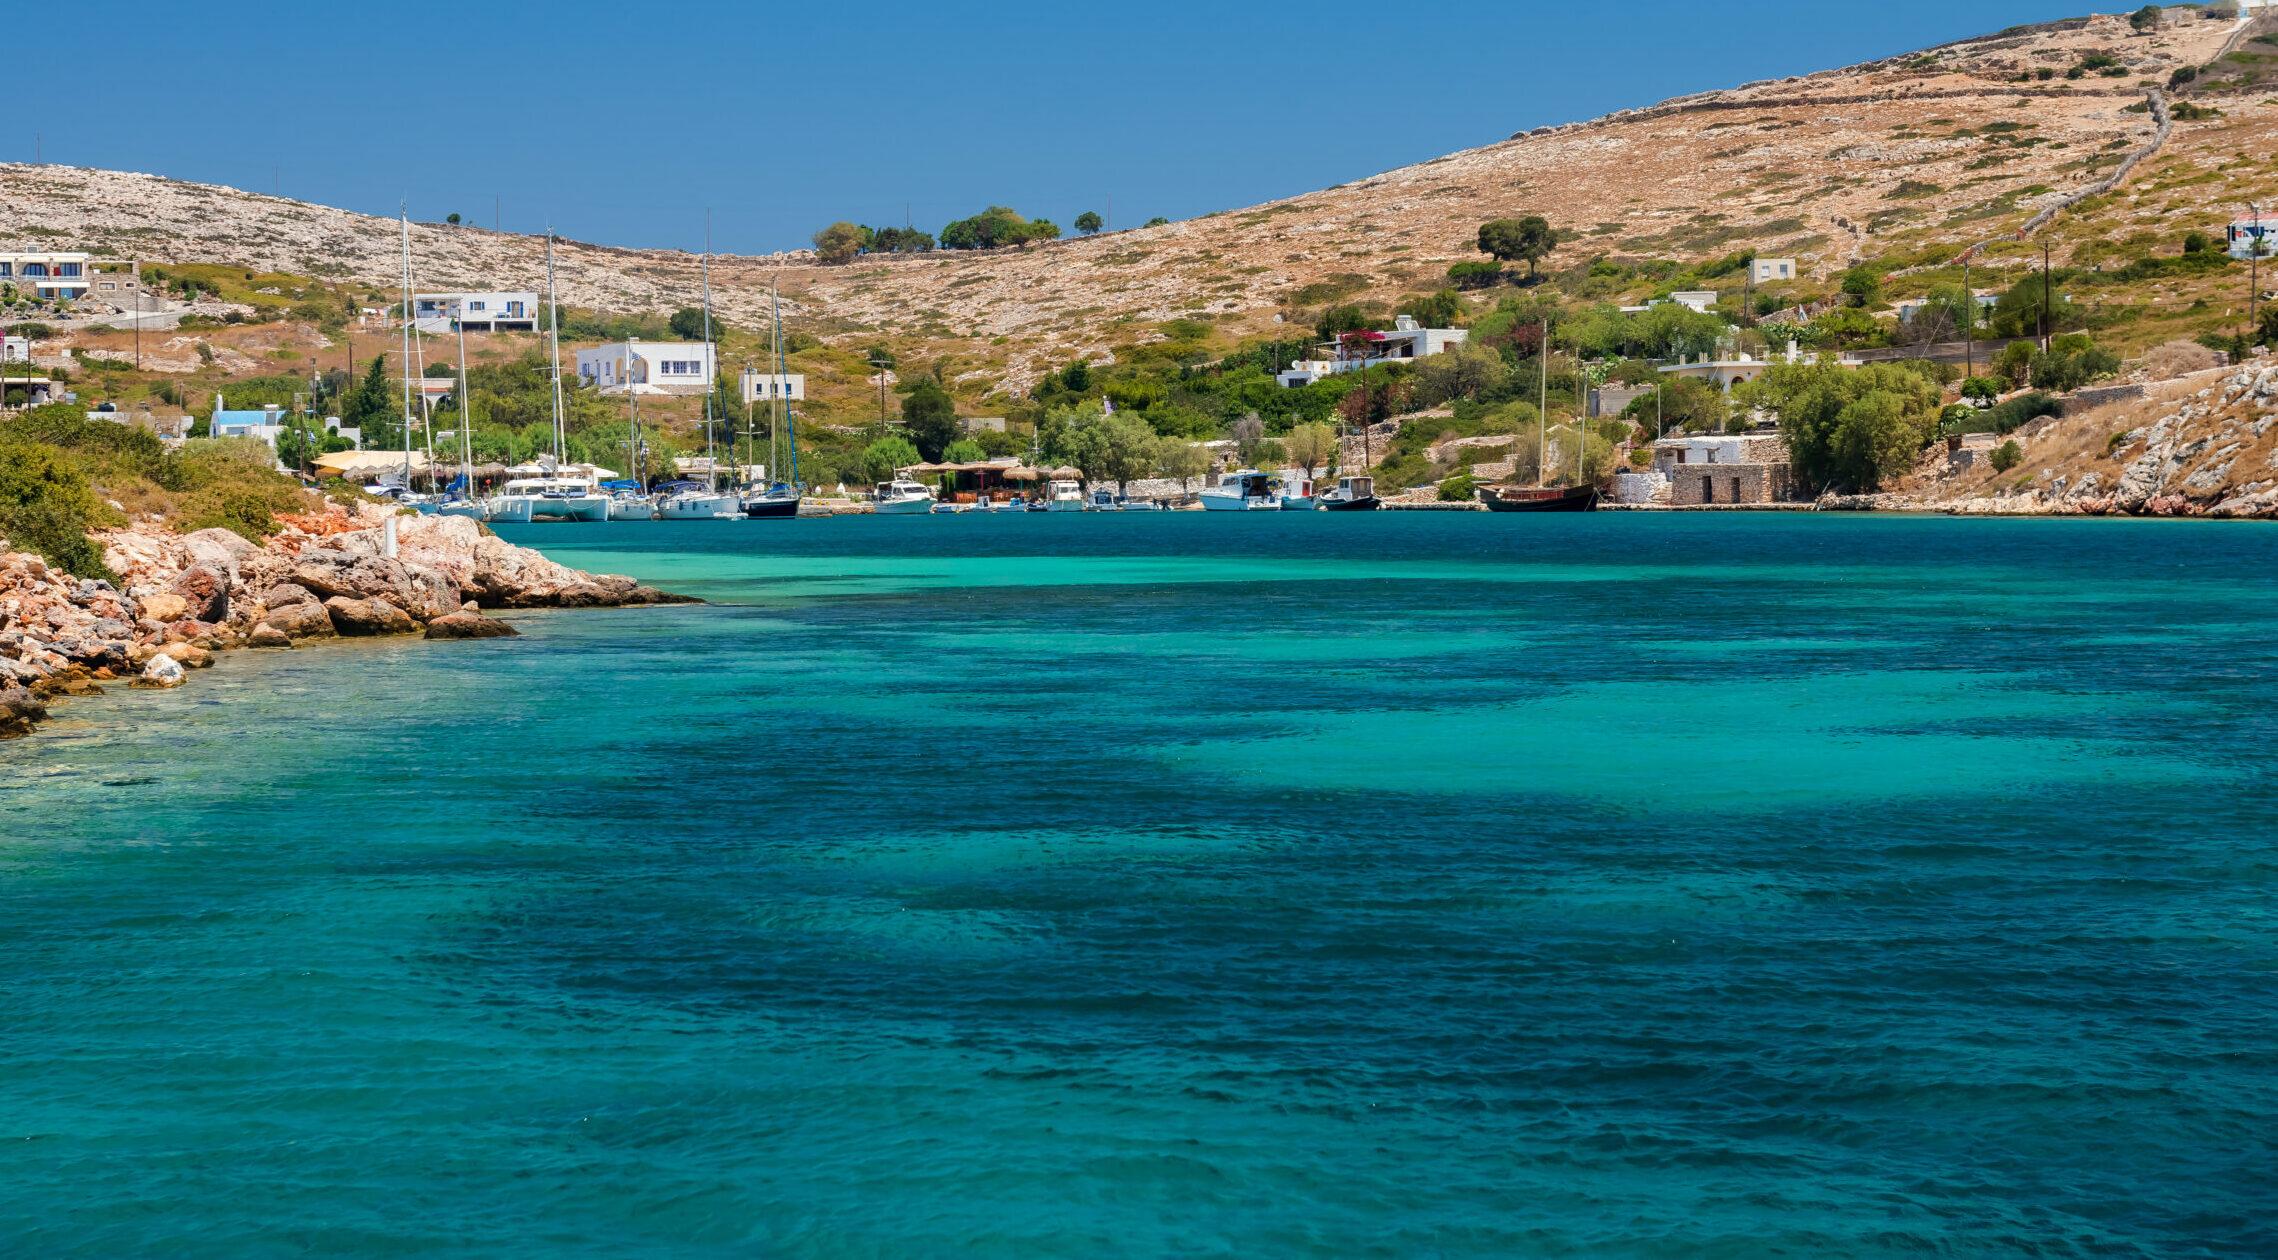 Arkoi-Dodecanese: An escape to calmness